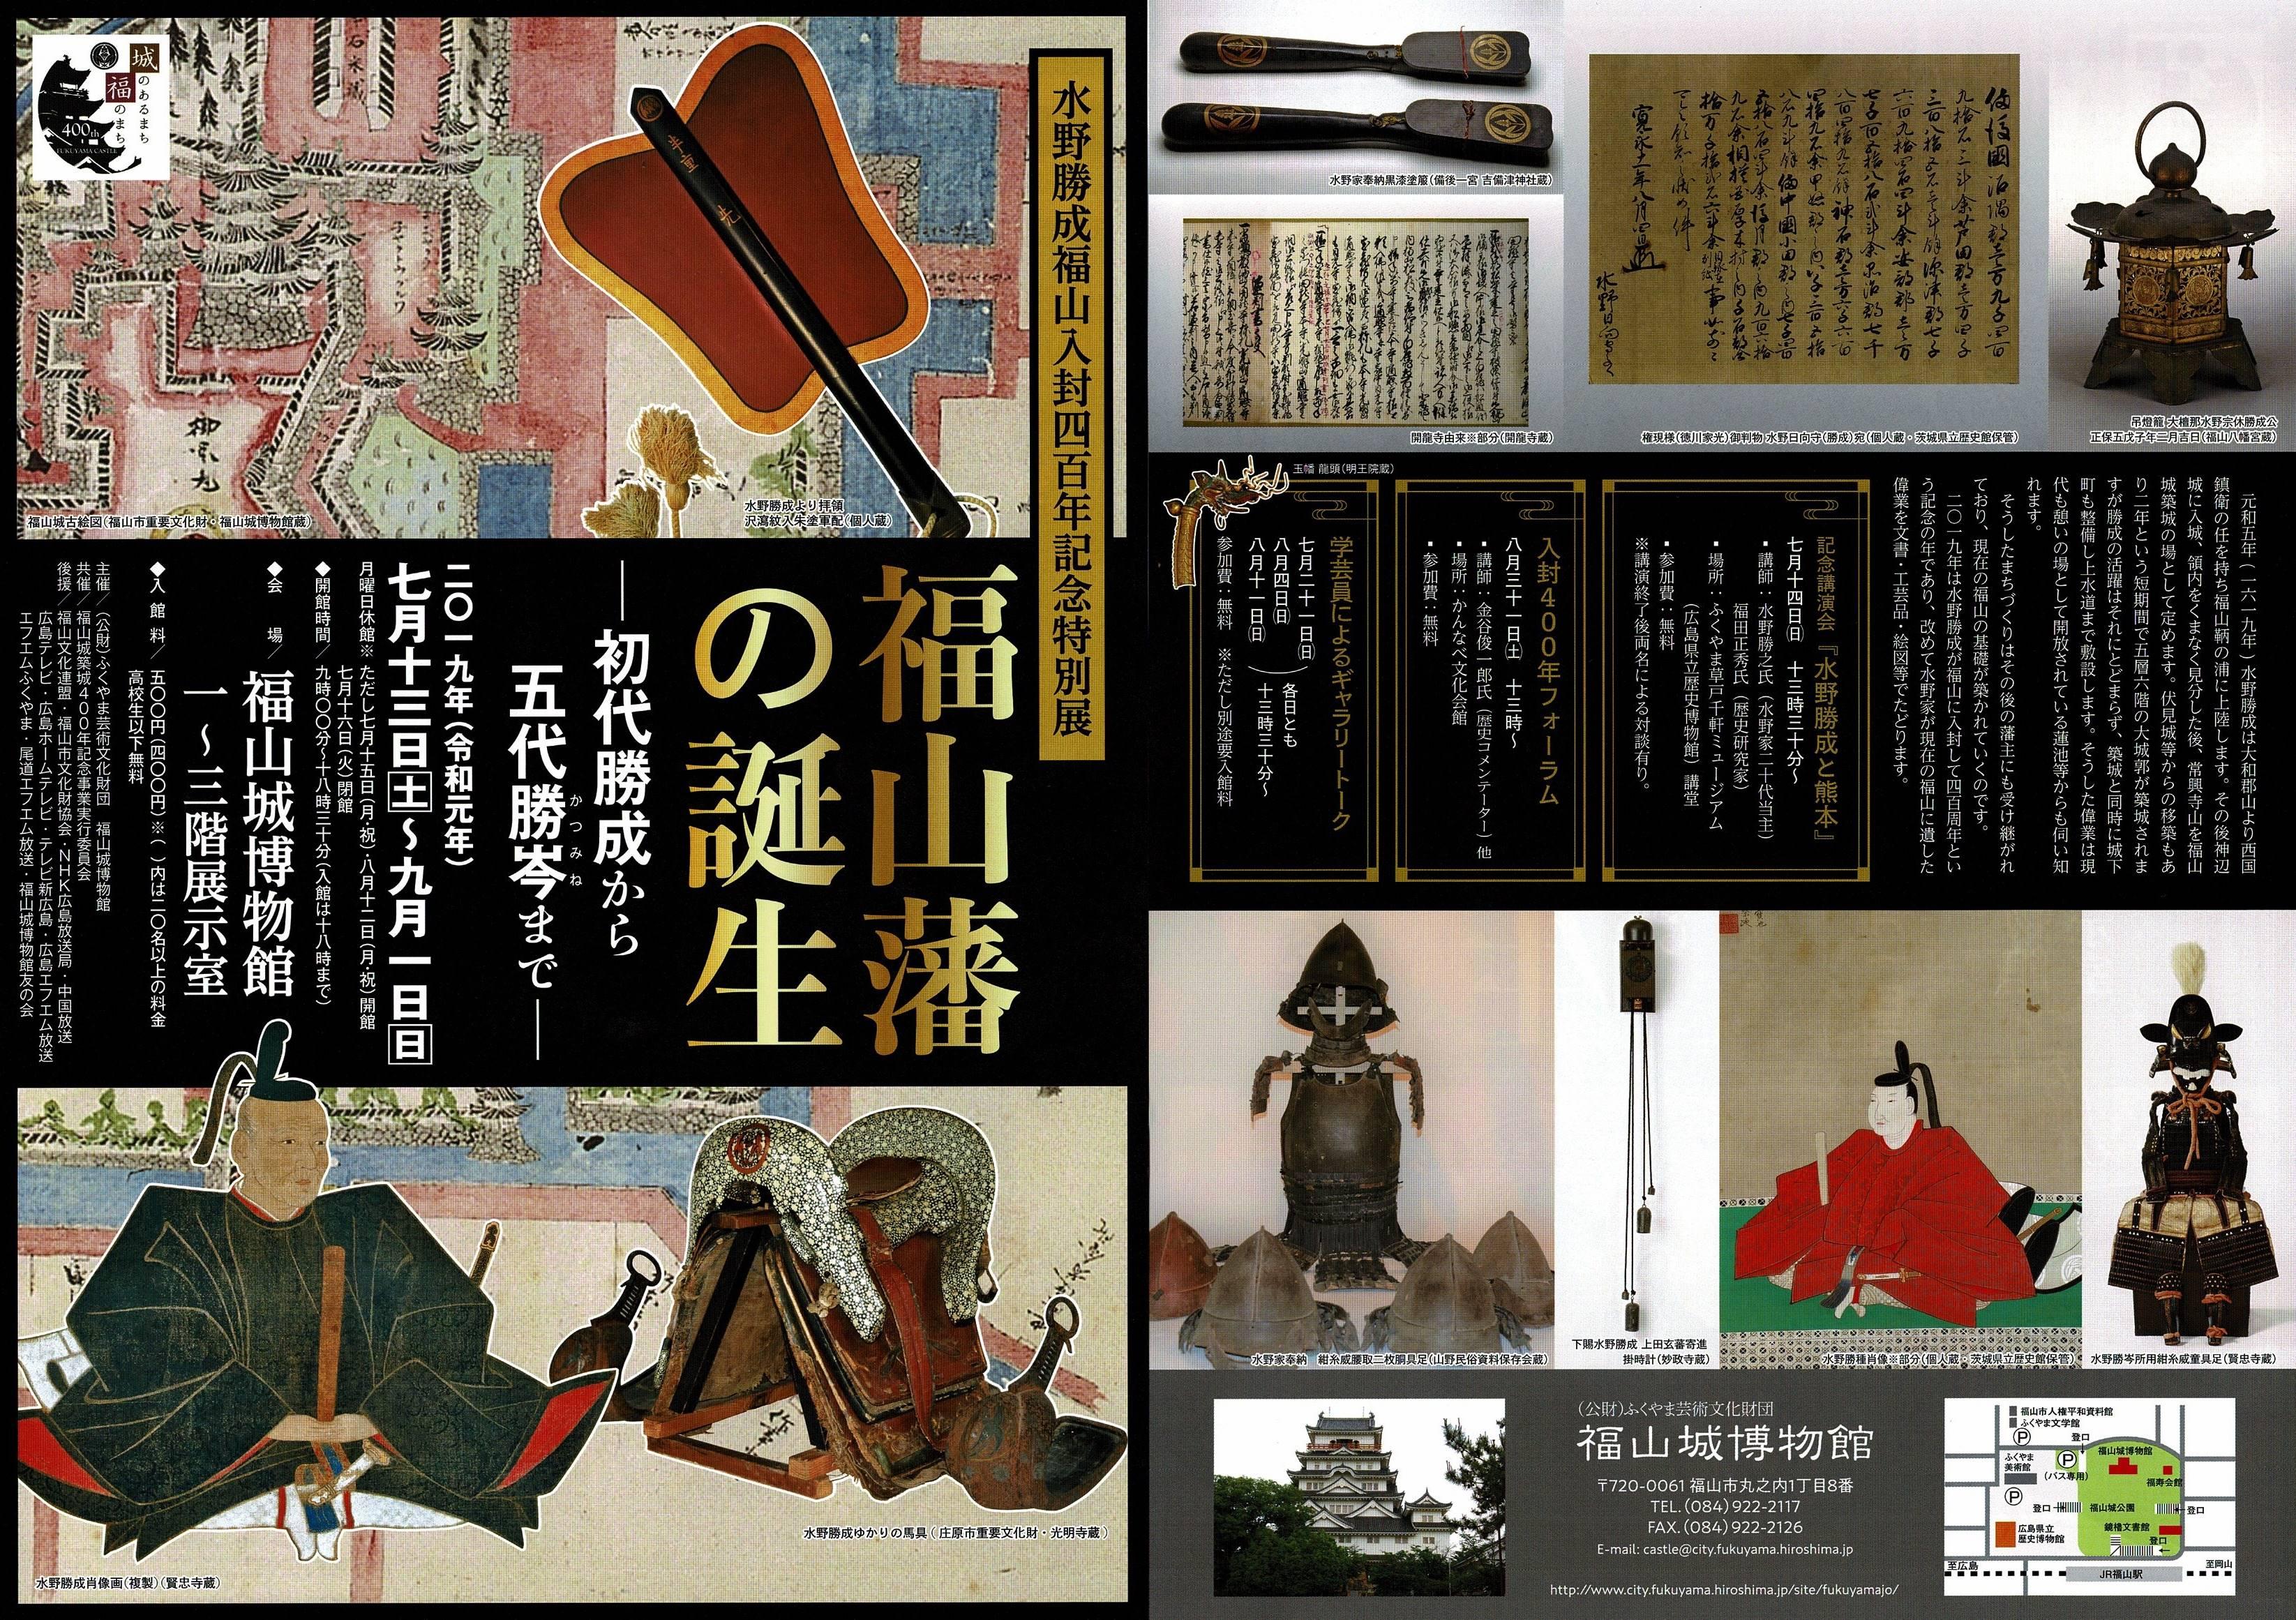 福山城博物館、水野勝成福山入封四百年記念特別展のお知らせ。